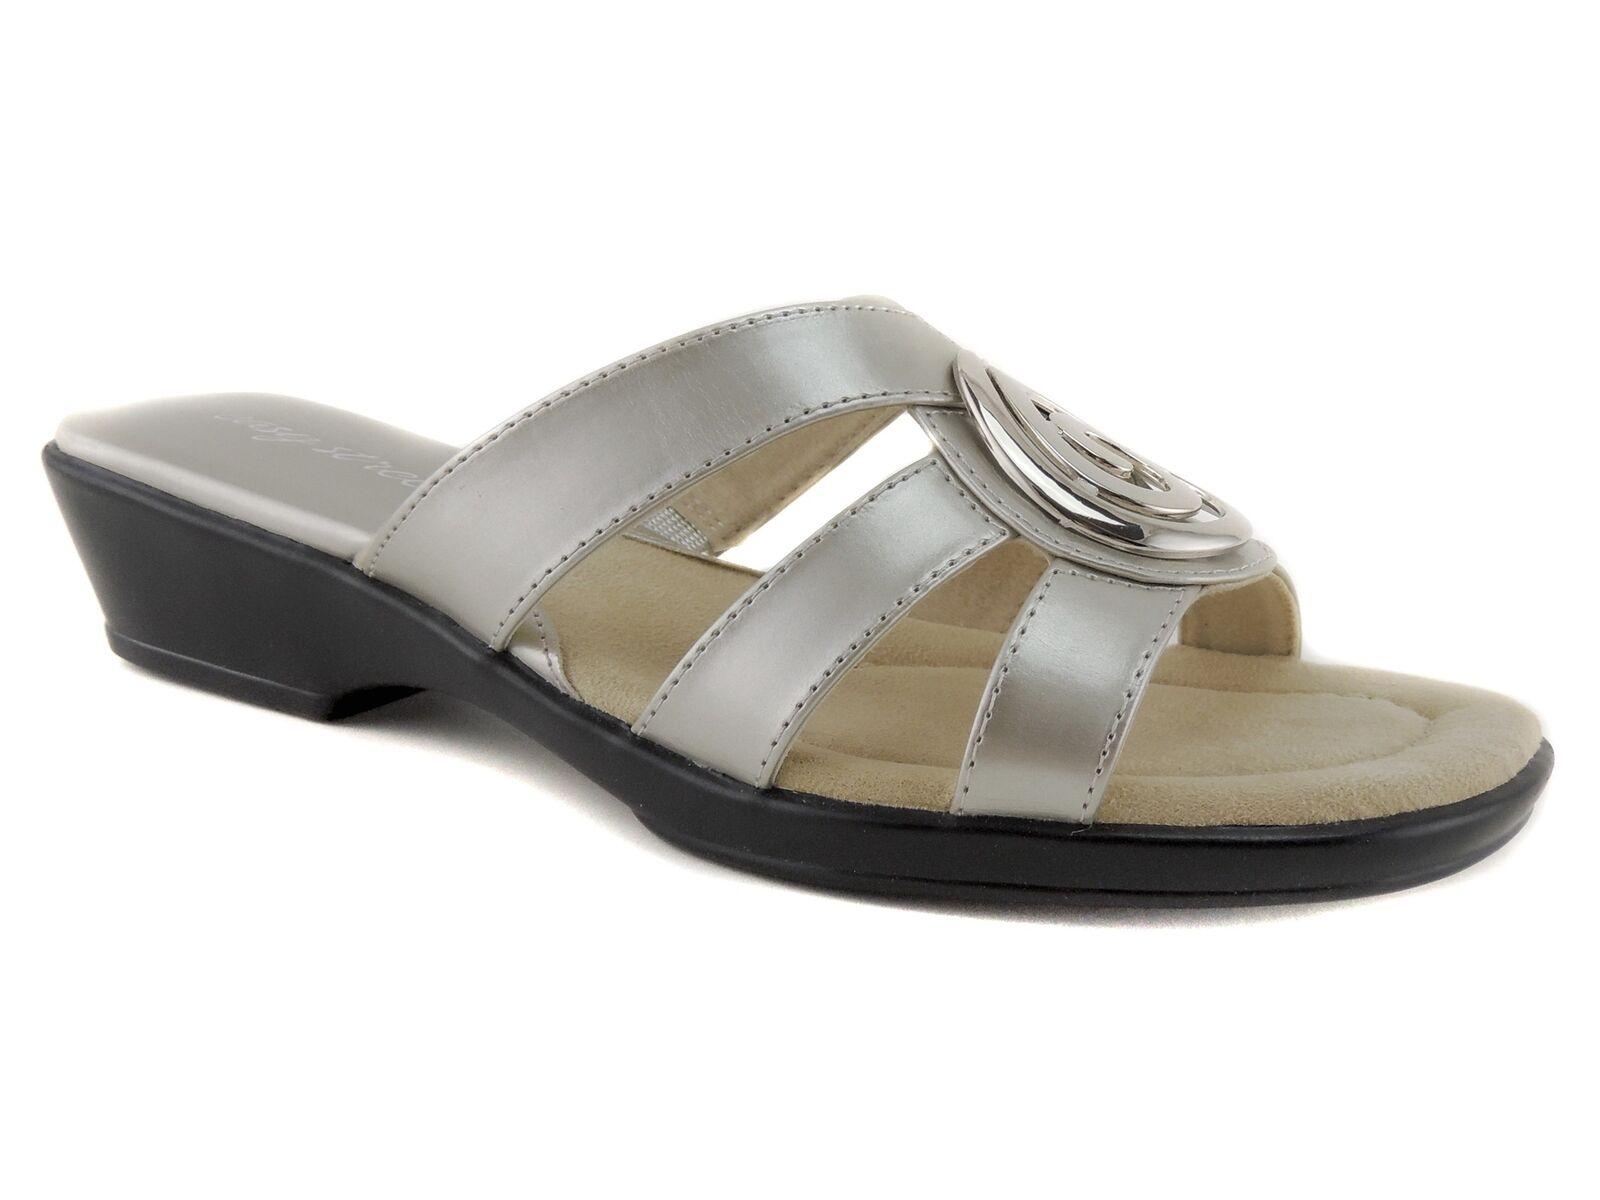 Easy Street Women's Swirl Slides Sandals Champagne Crinkled Patent Sz 8.5 M